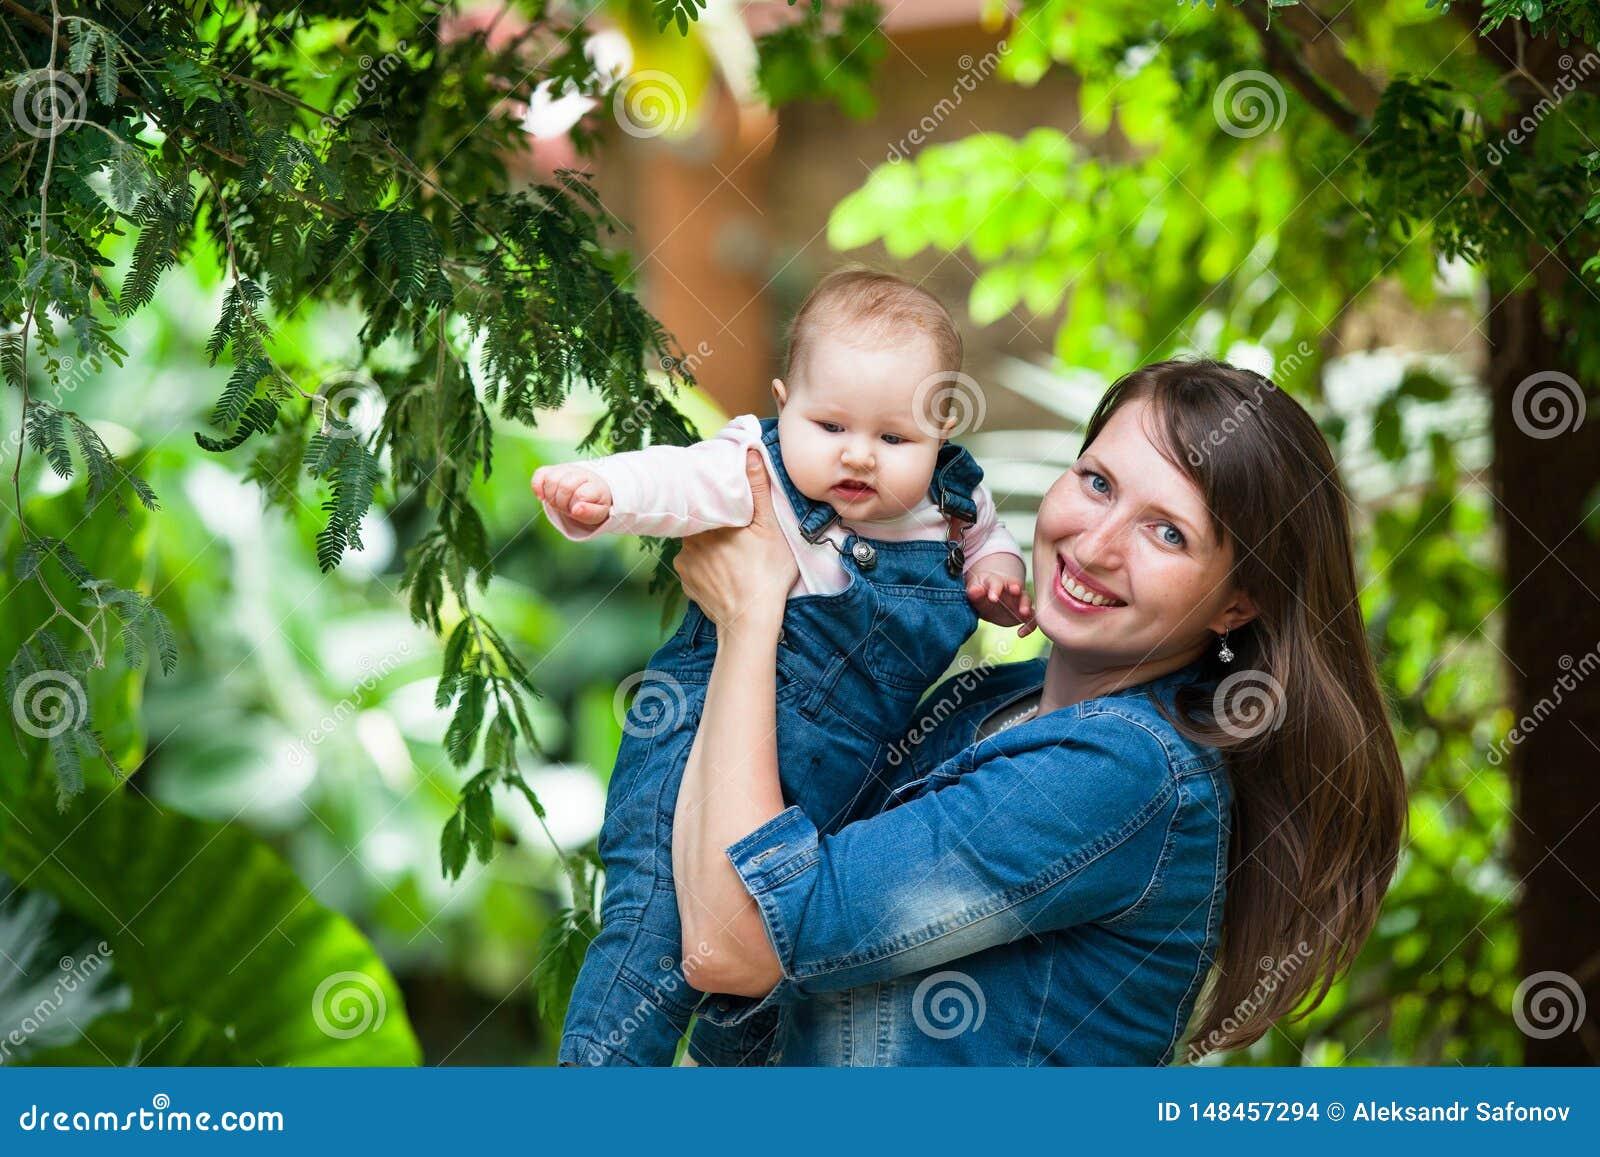 抱着一个婴孩步行的愉快的年轻女人在公园